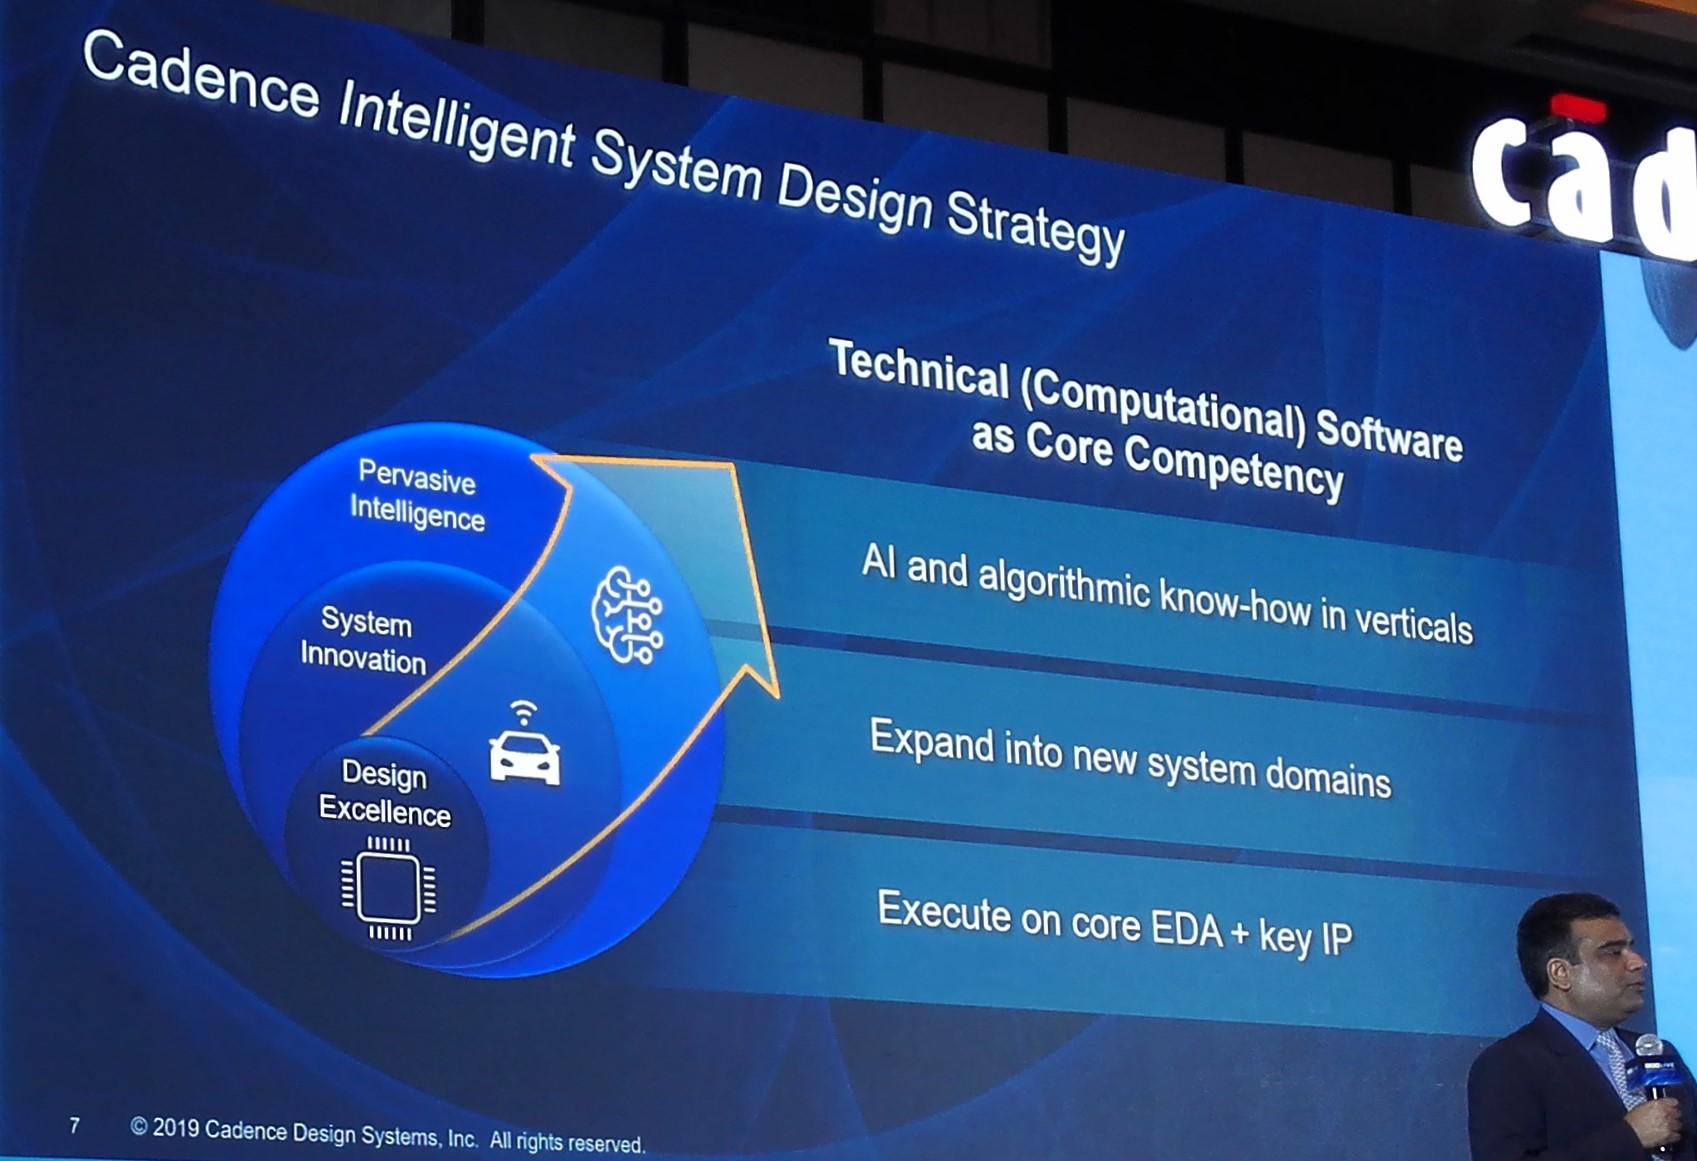 Cadence的智能系统设计战略